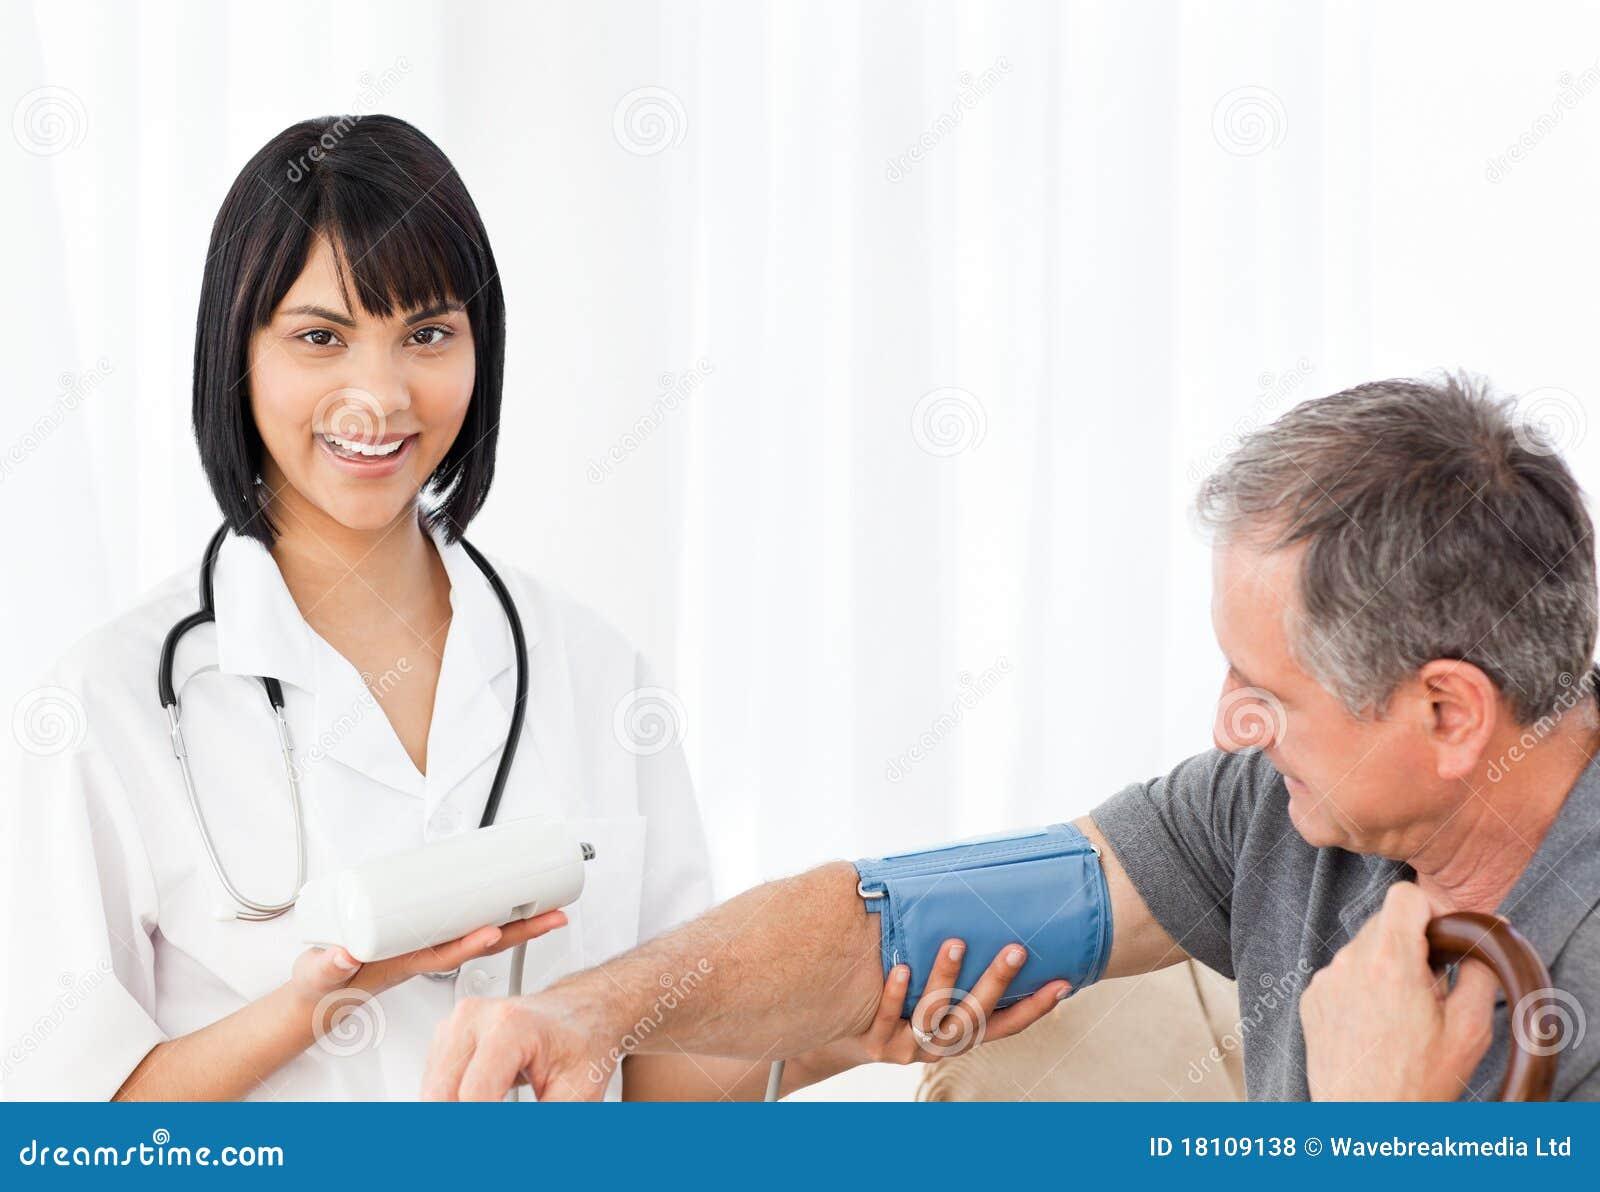 Nurse taking blood stock photo. Image of loving, hospital ...